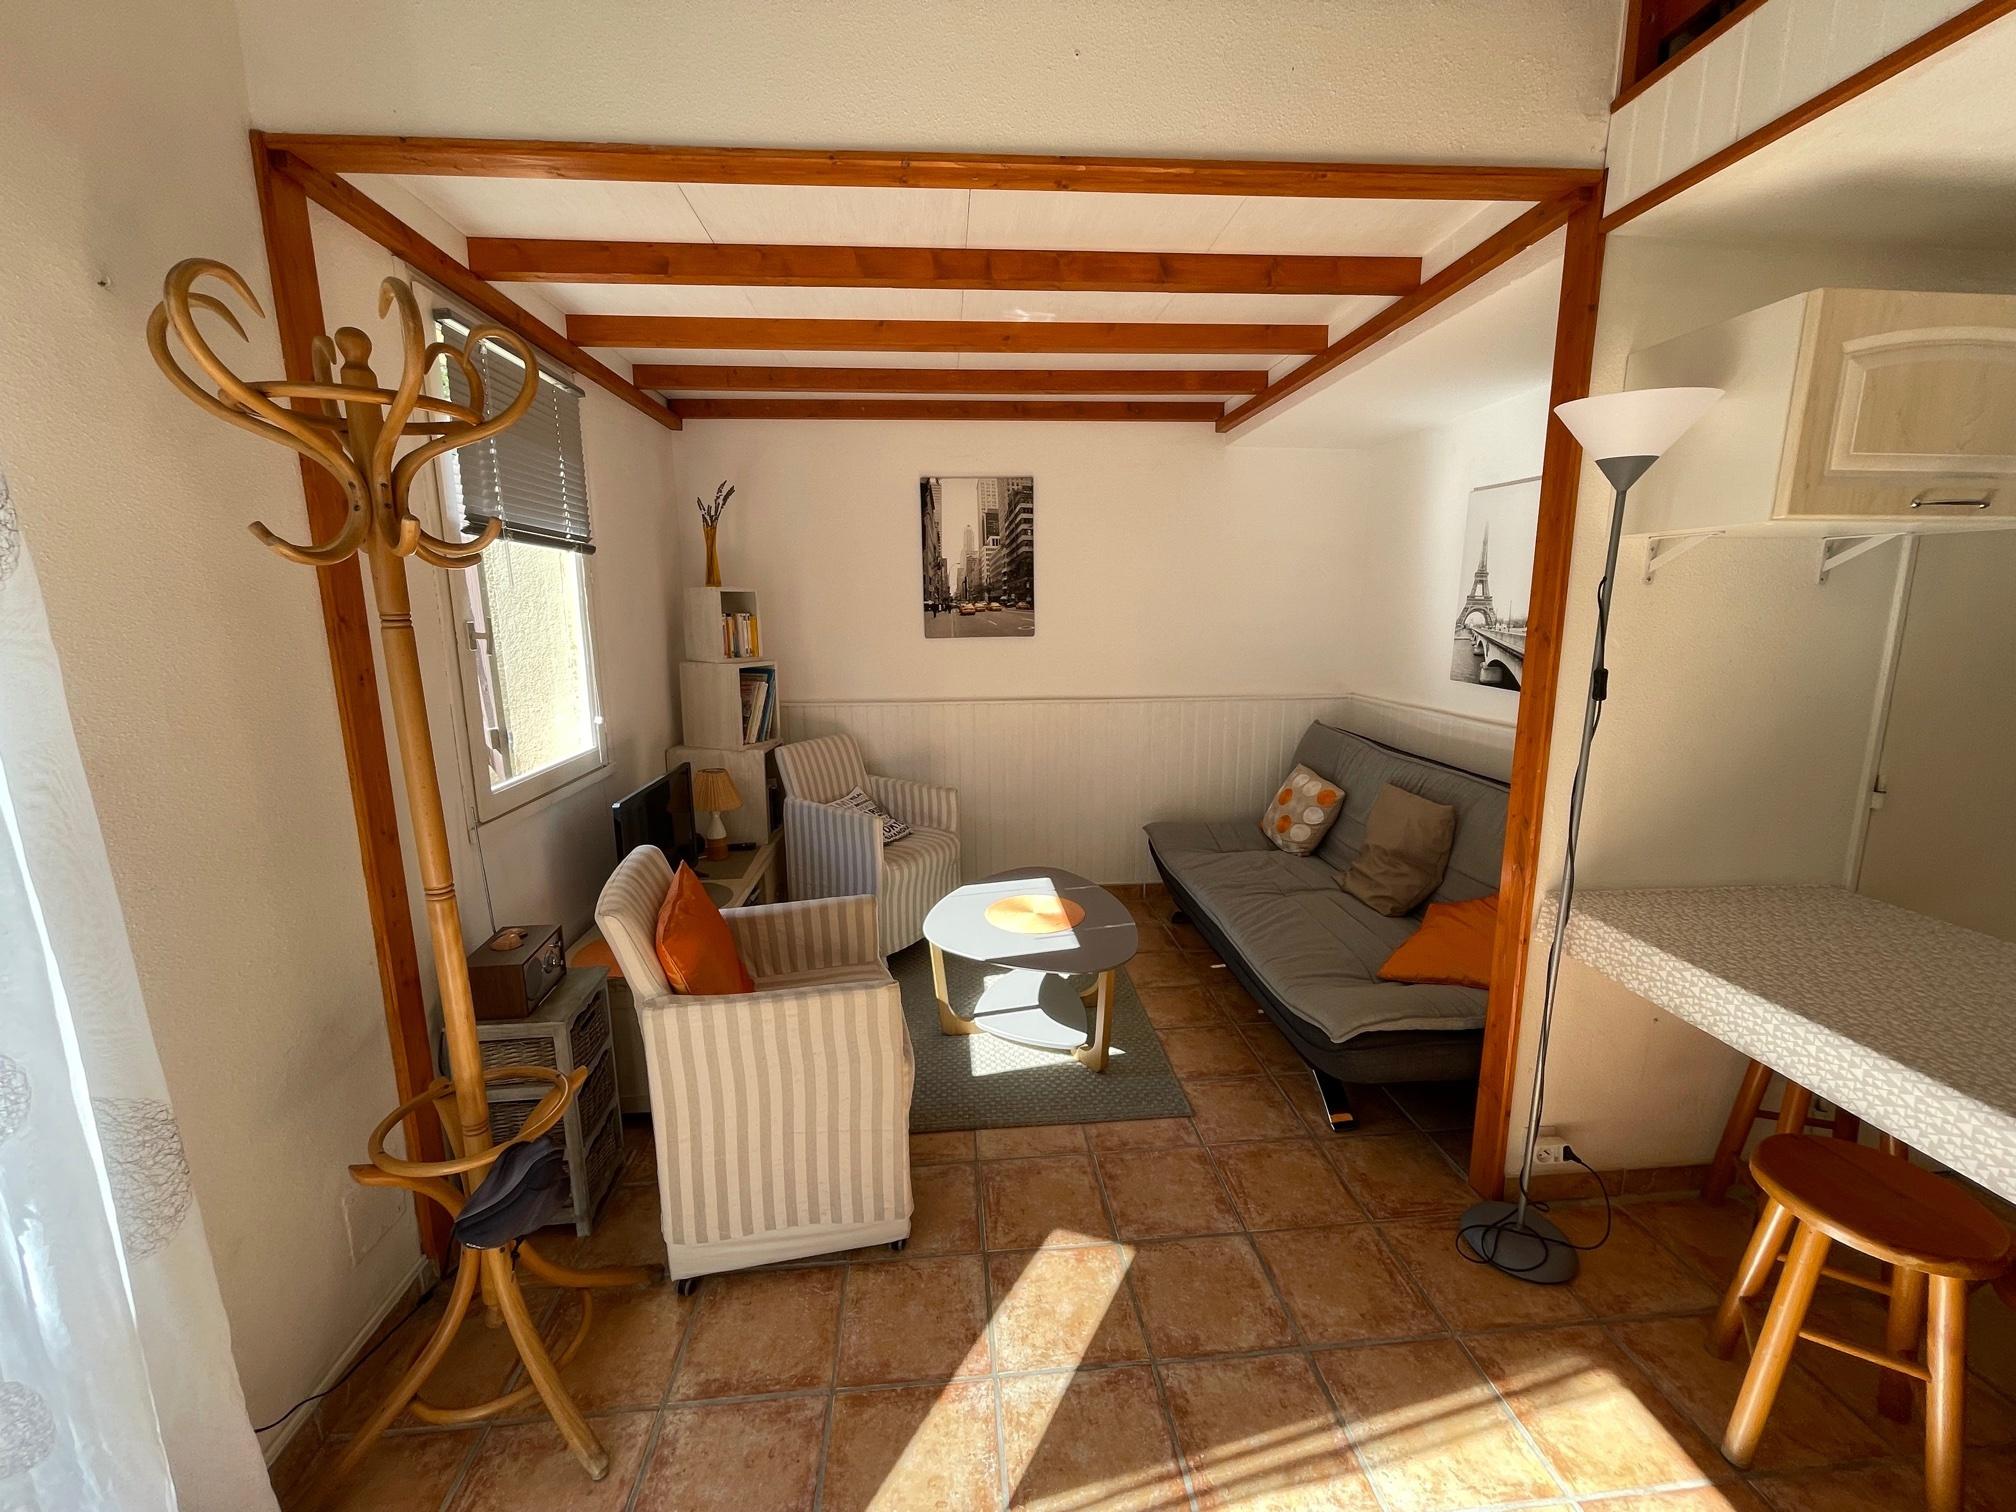 À vendre maison/villa de 44m2 à argeles plage (66700) - Photo 10'